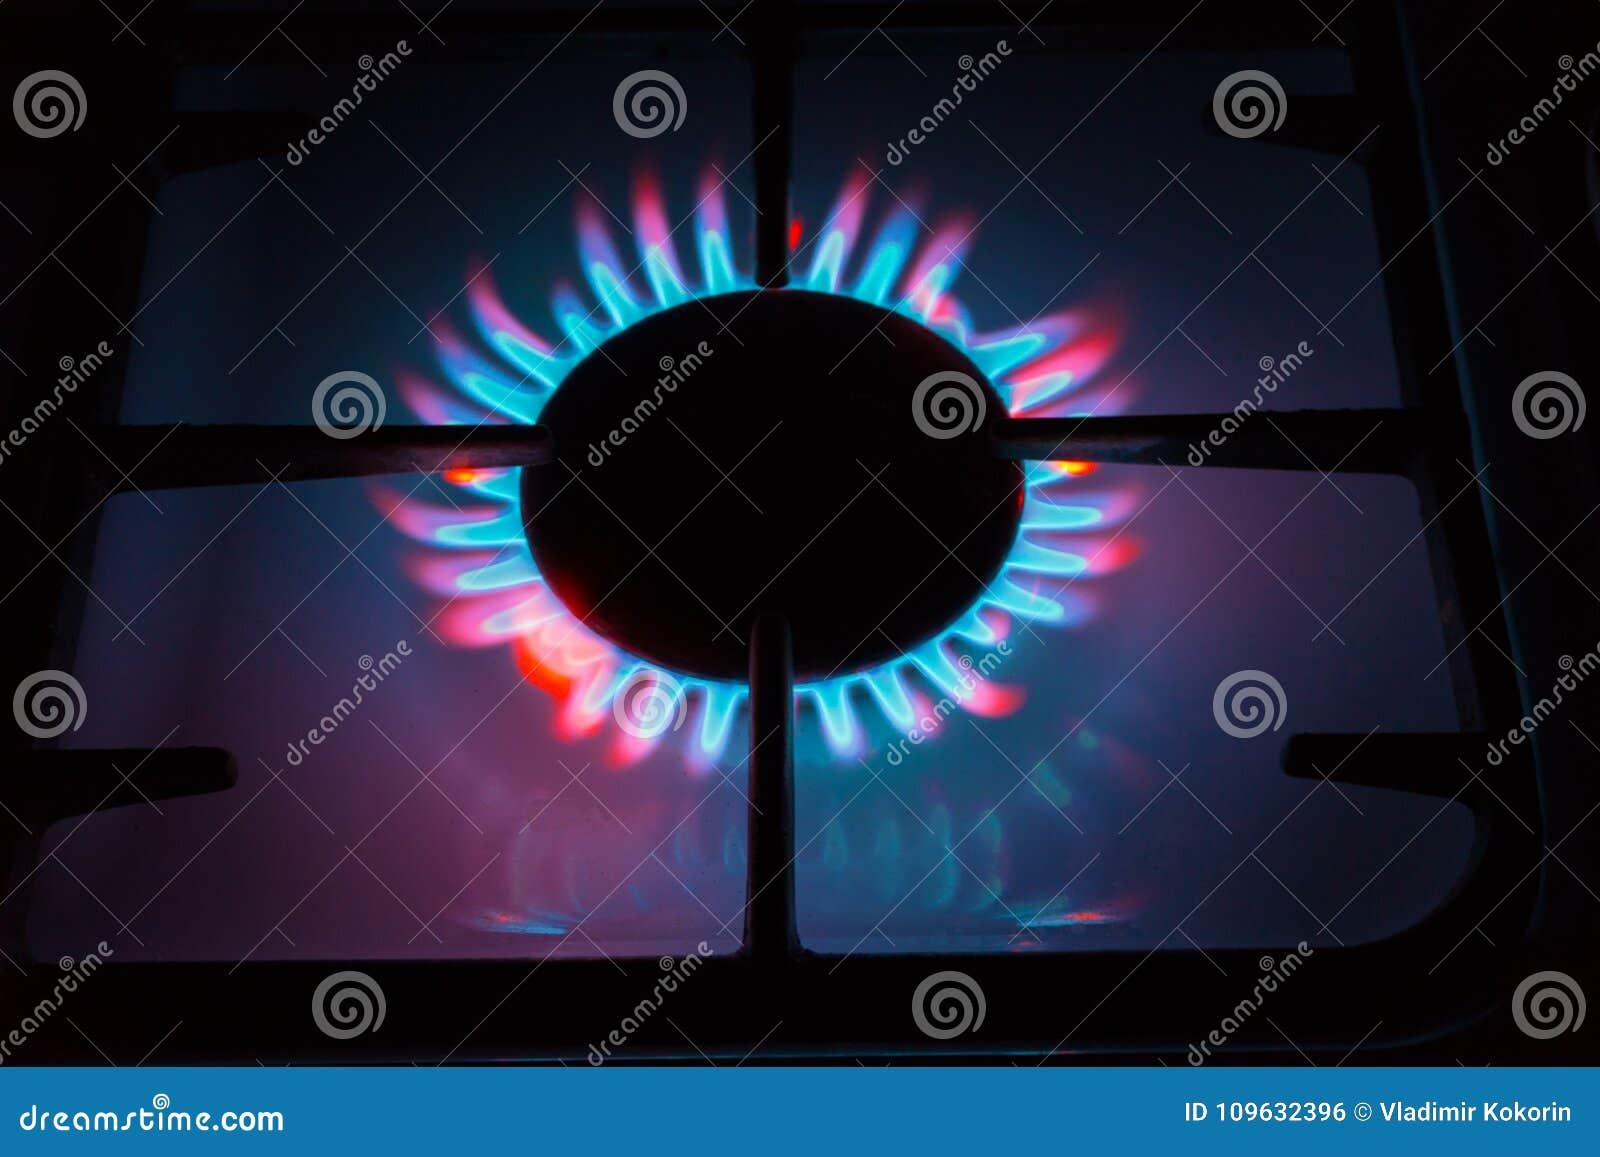 Stellen Sie etwas wie das brennende Gas dar, das von den Gasbrennern kommt Mehrfarbige Flamme